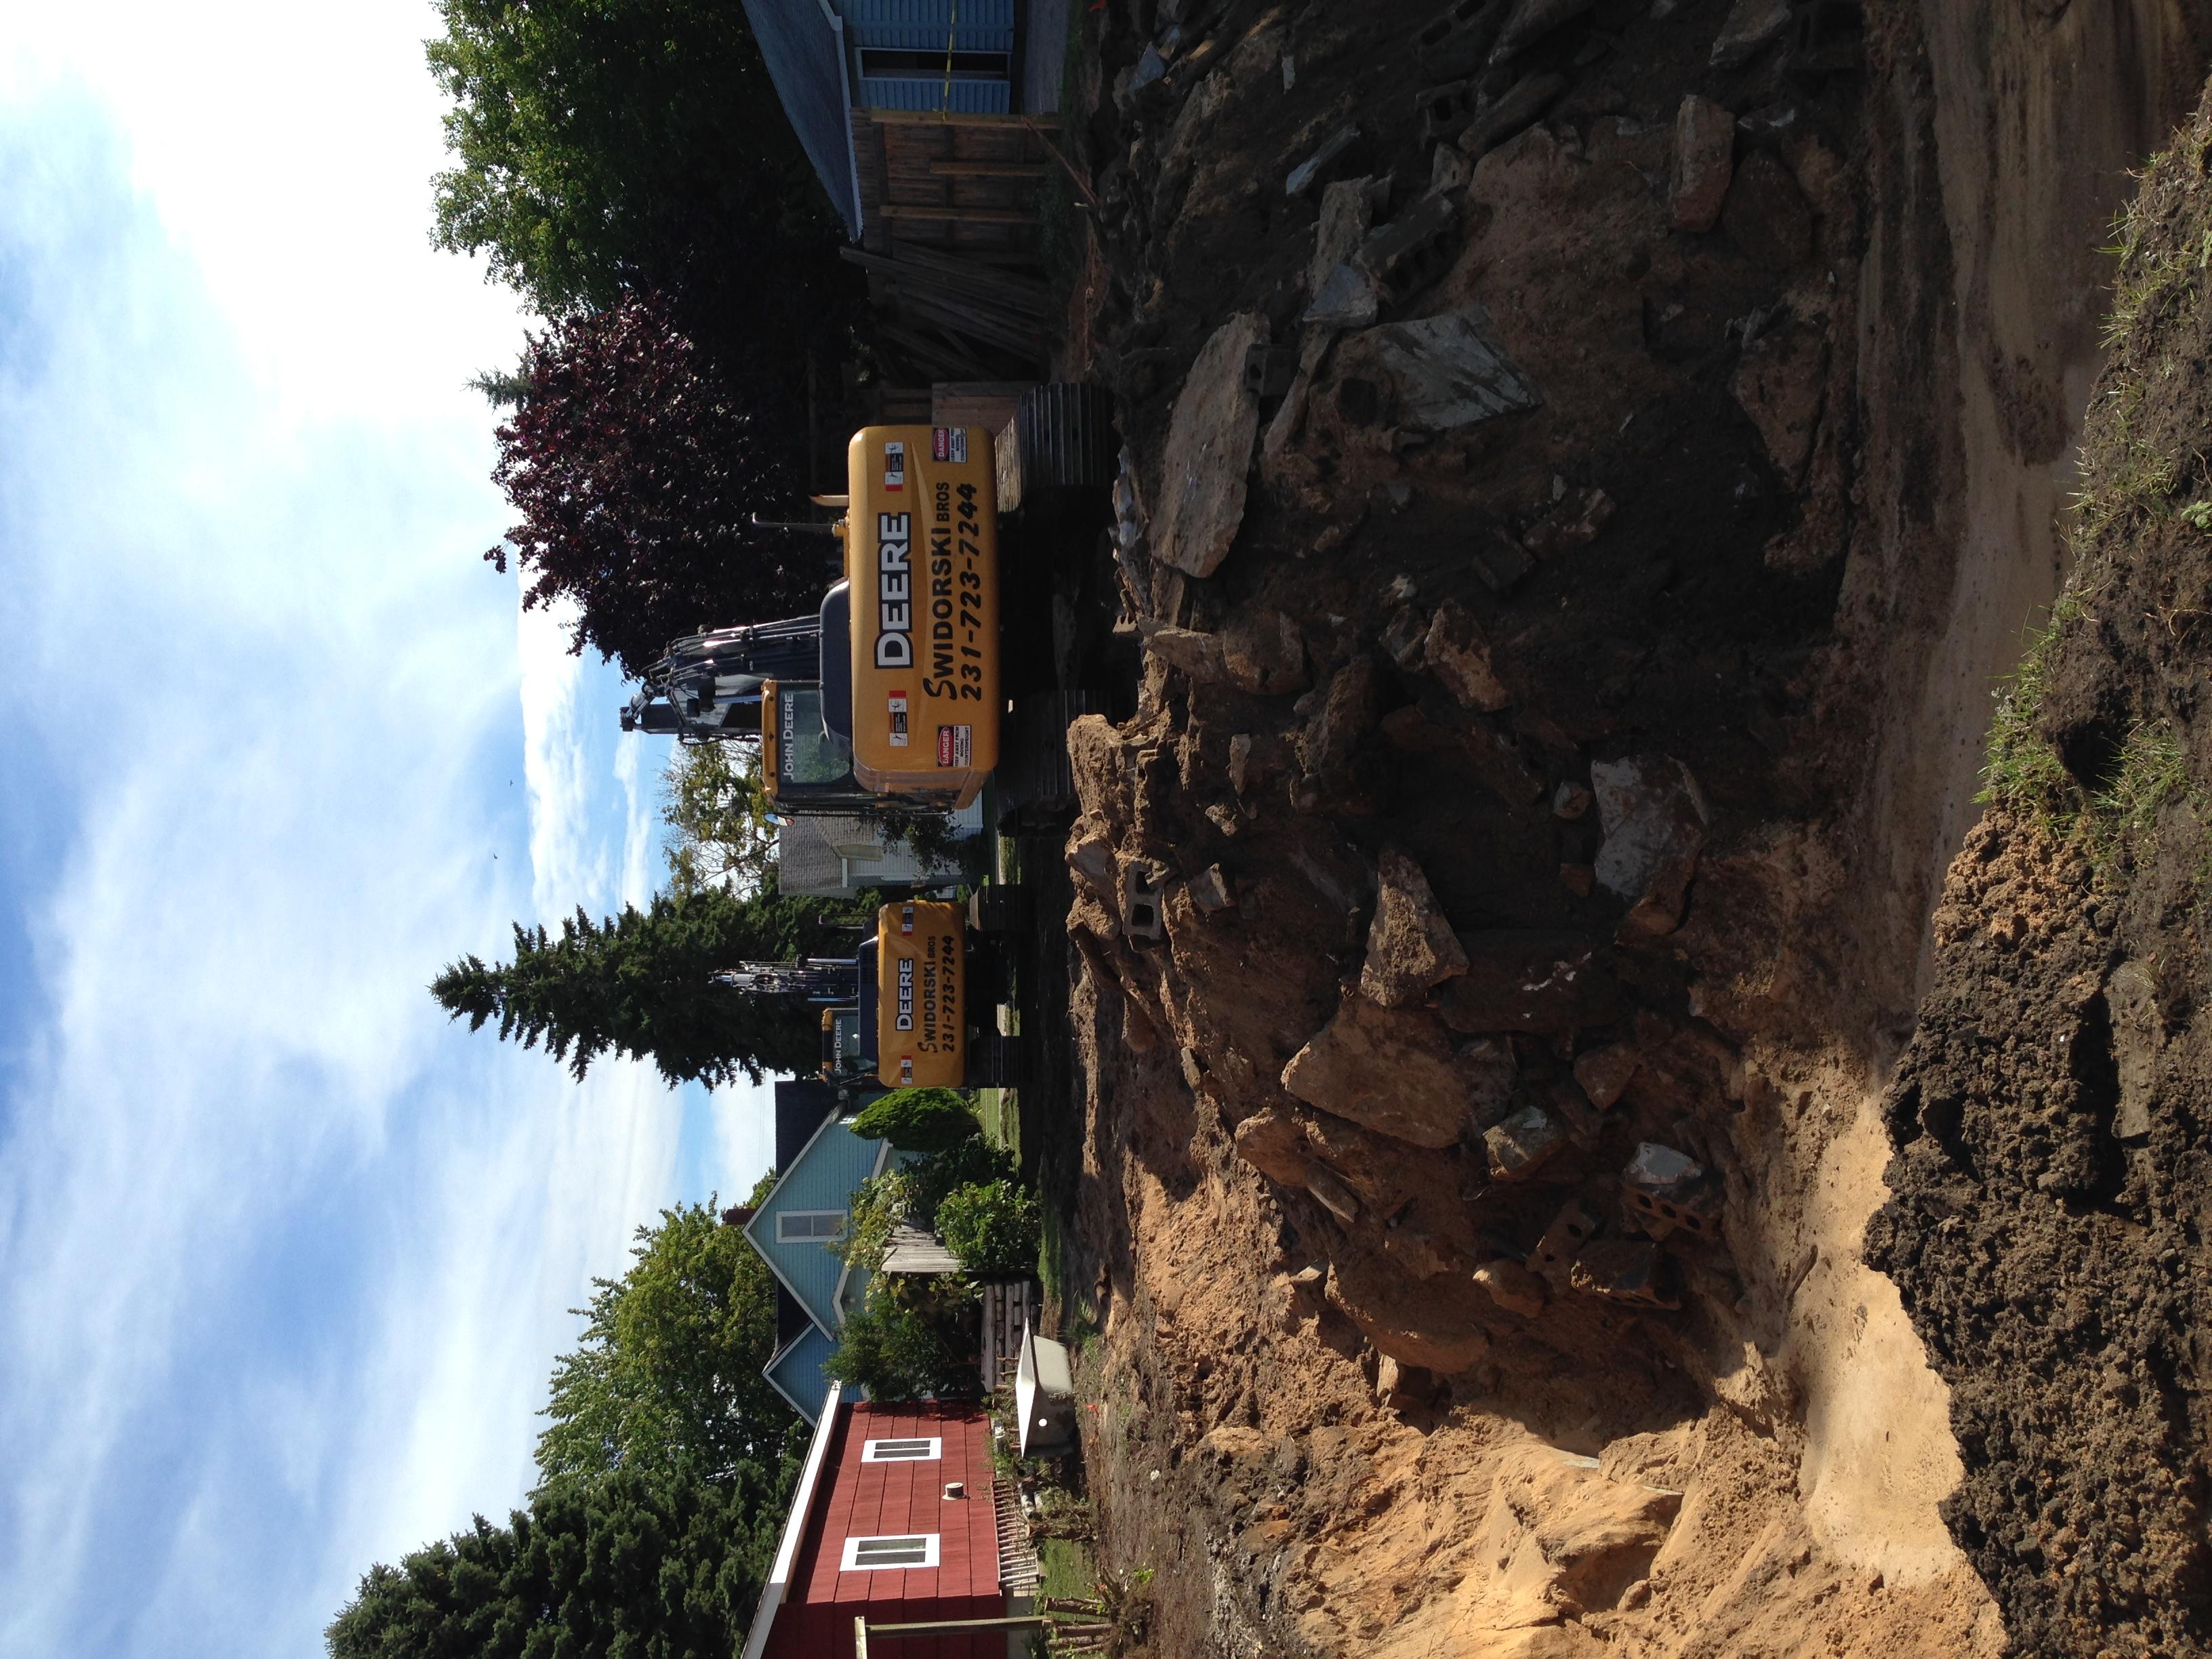 House Demolition on MagillStreet, Manistee